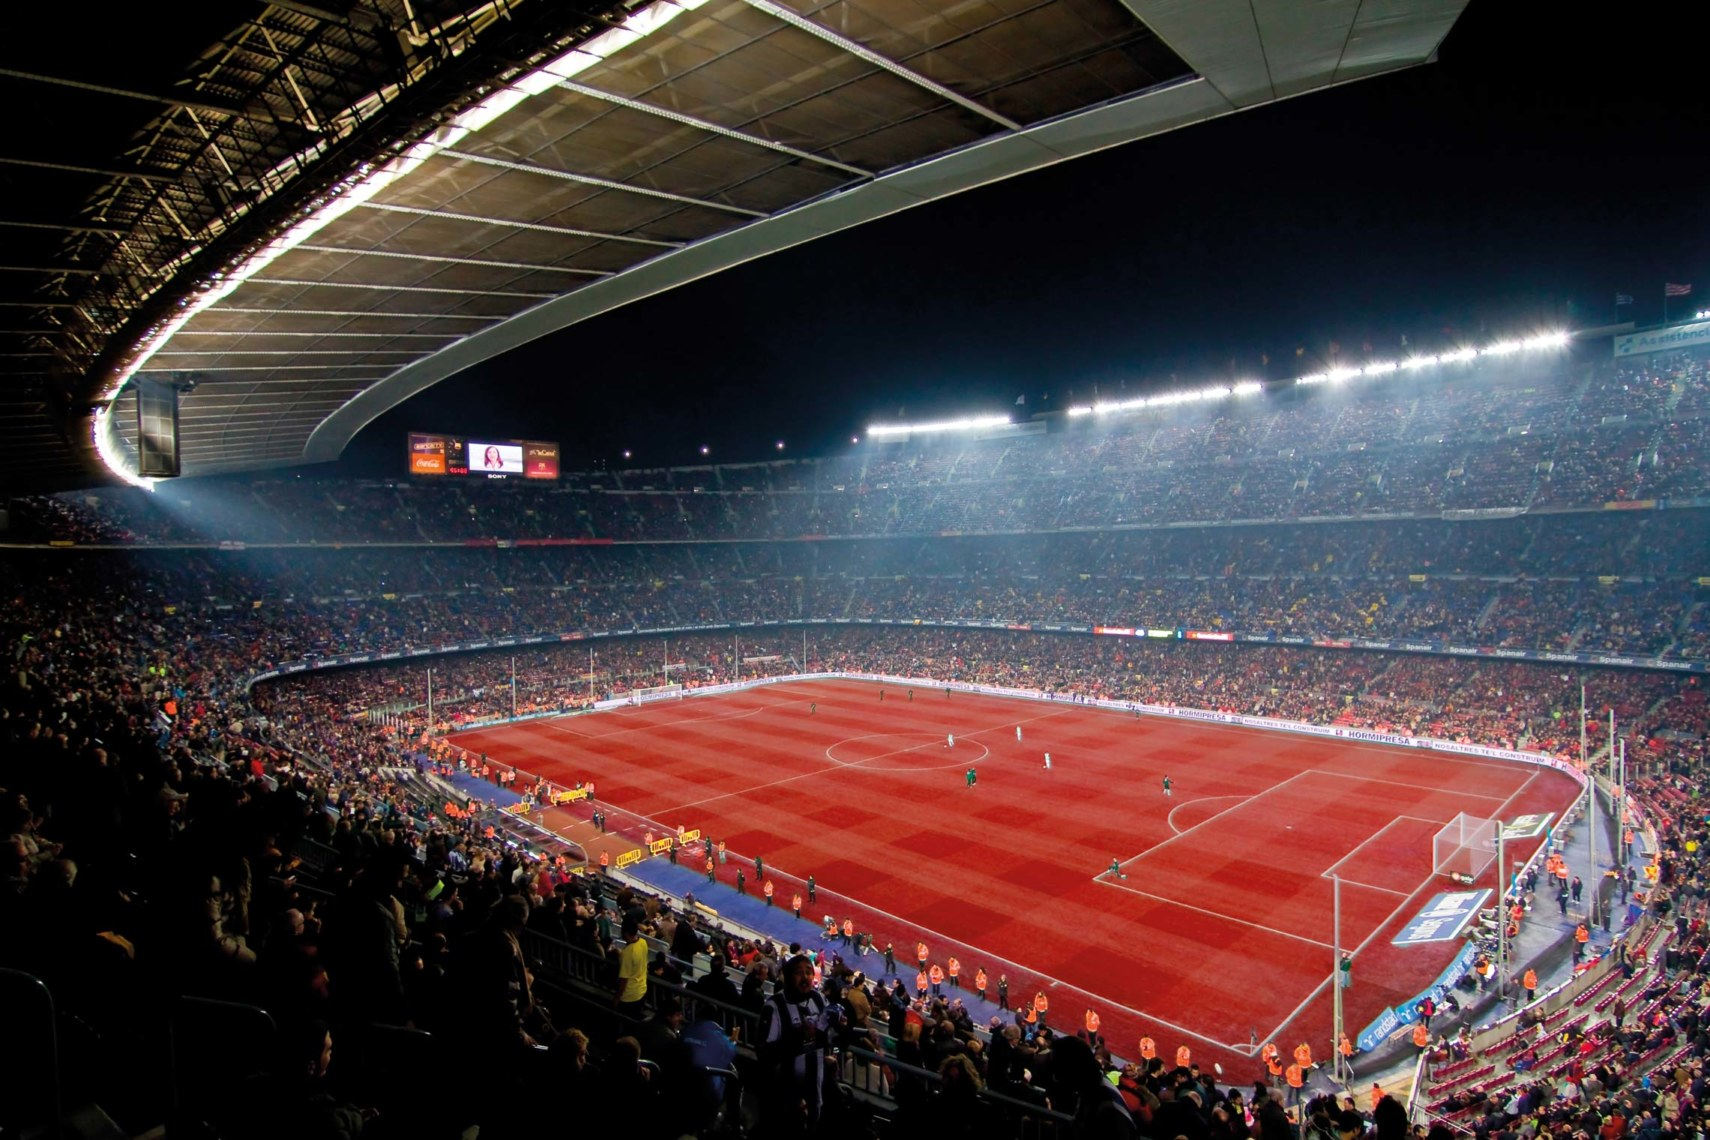 Red Heat? Ein Stadion mit einem roten Rasen dürfte selbst die hartgesottensten Fußballfans verstören. ©shutterstock